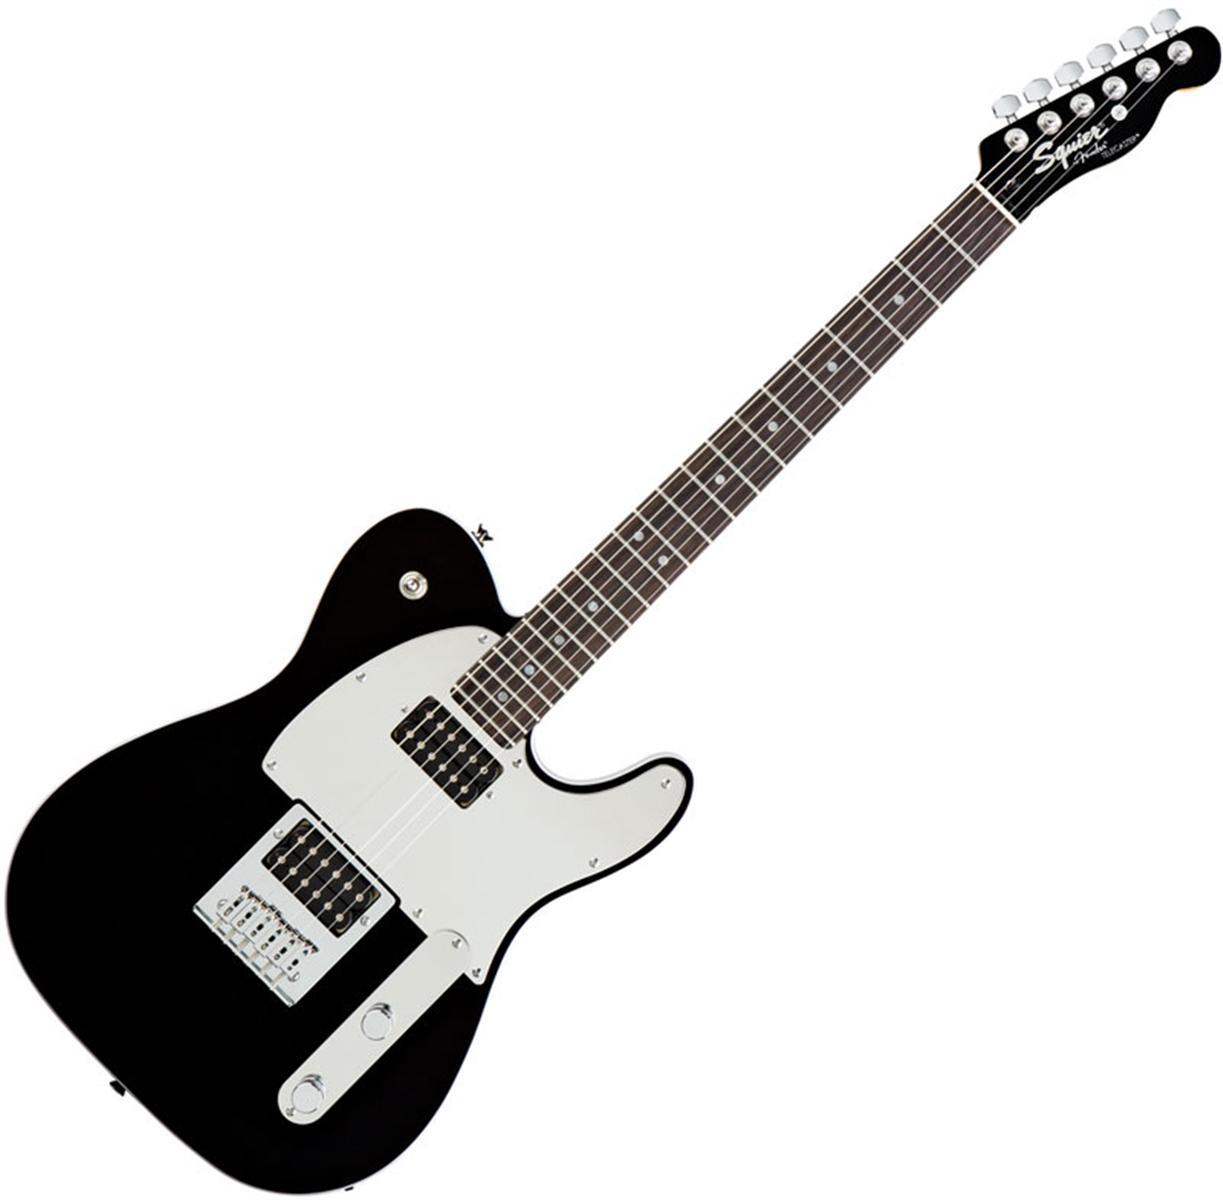 1223x1200 Best Guitar Clip Art